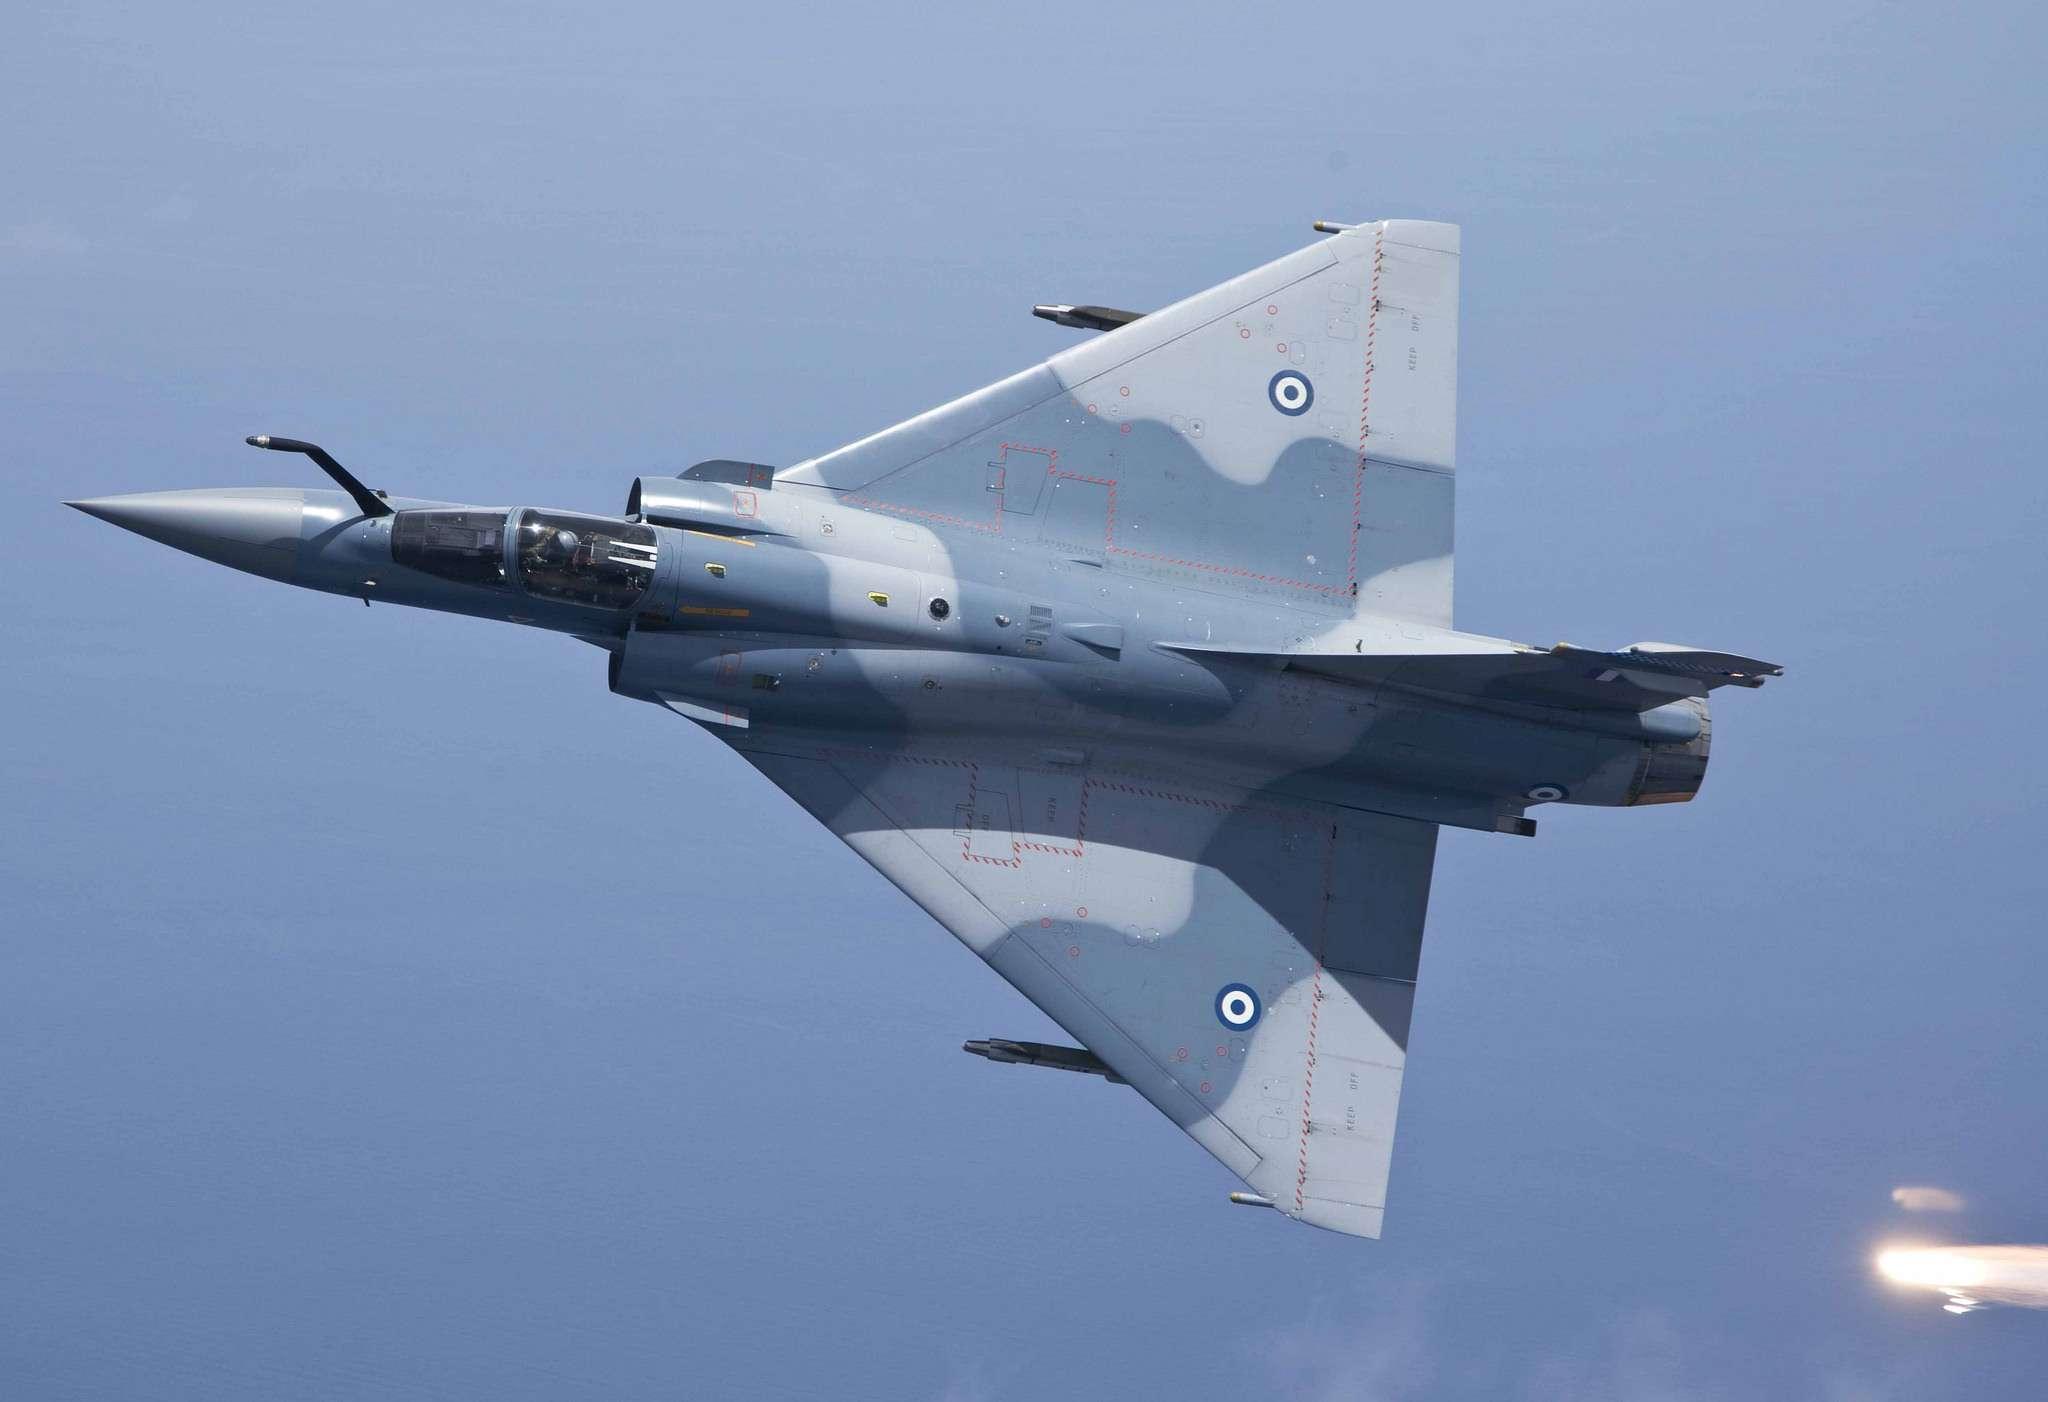 Έρχεται η απόλυτη αεροπορική υπεροχή: Η ΠΑ ενισχύεται – «Έπεσαν» οι υπογραφές για την αναβάθμιση των Mirage